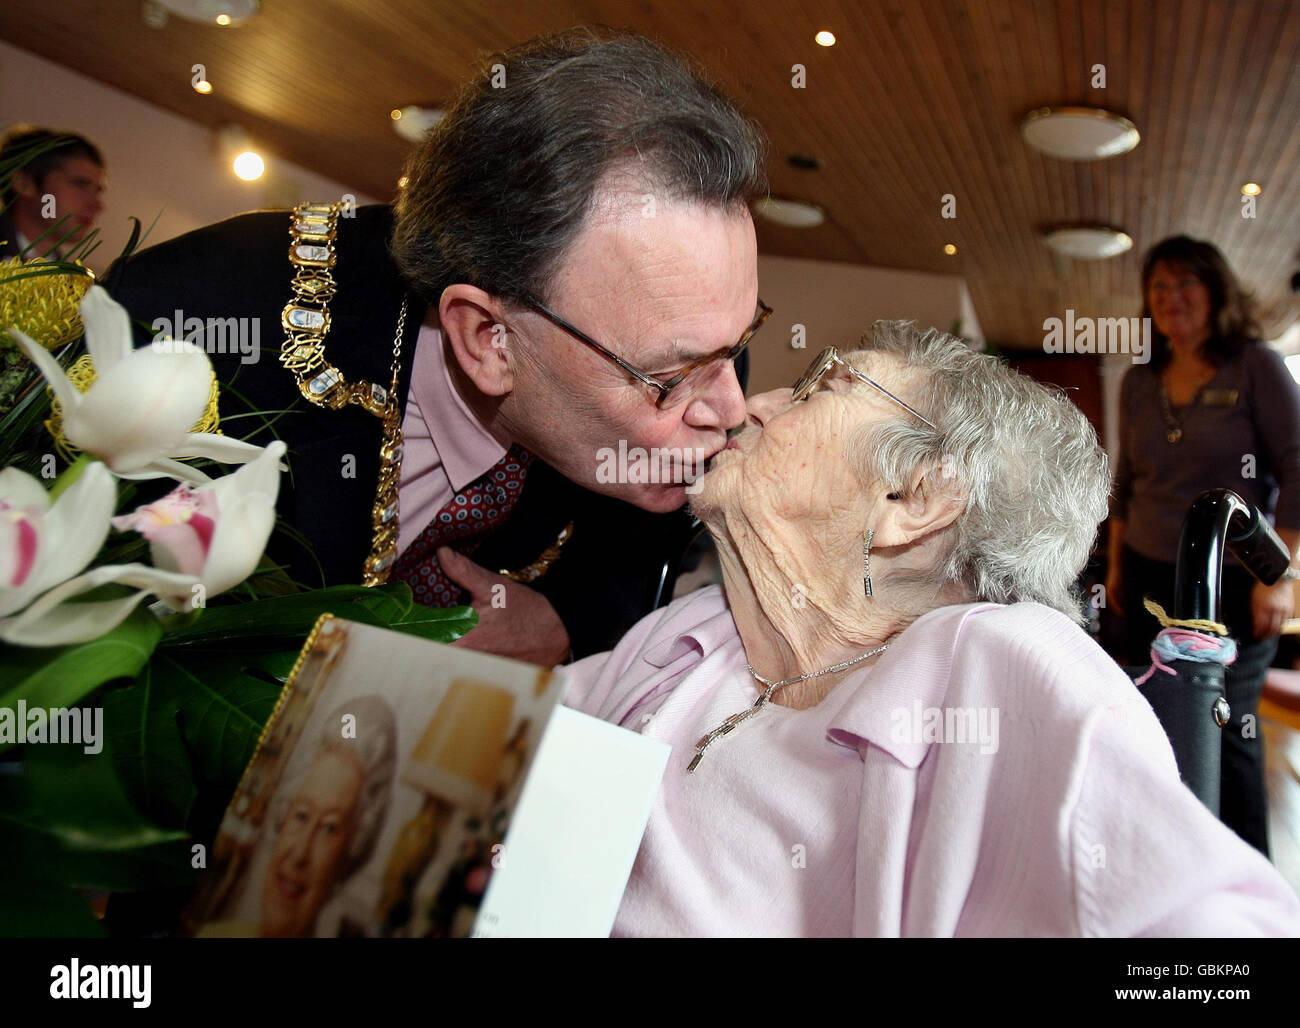 Wer Ist Heute 107 Jahre Alt Stockfotos Wer Ist Heute 107 Jahre Alt